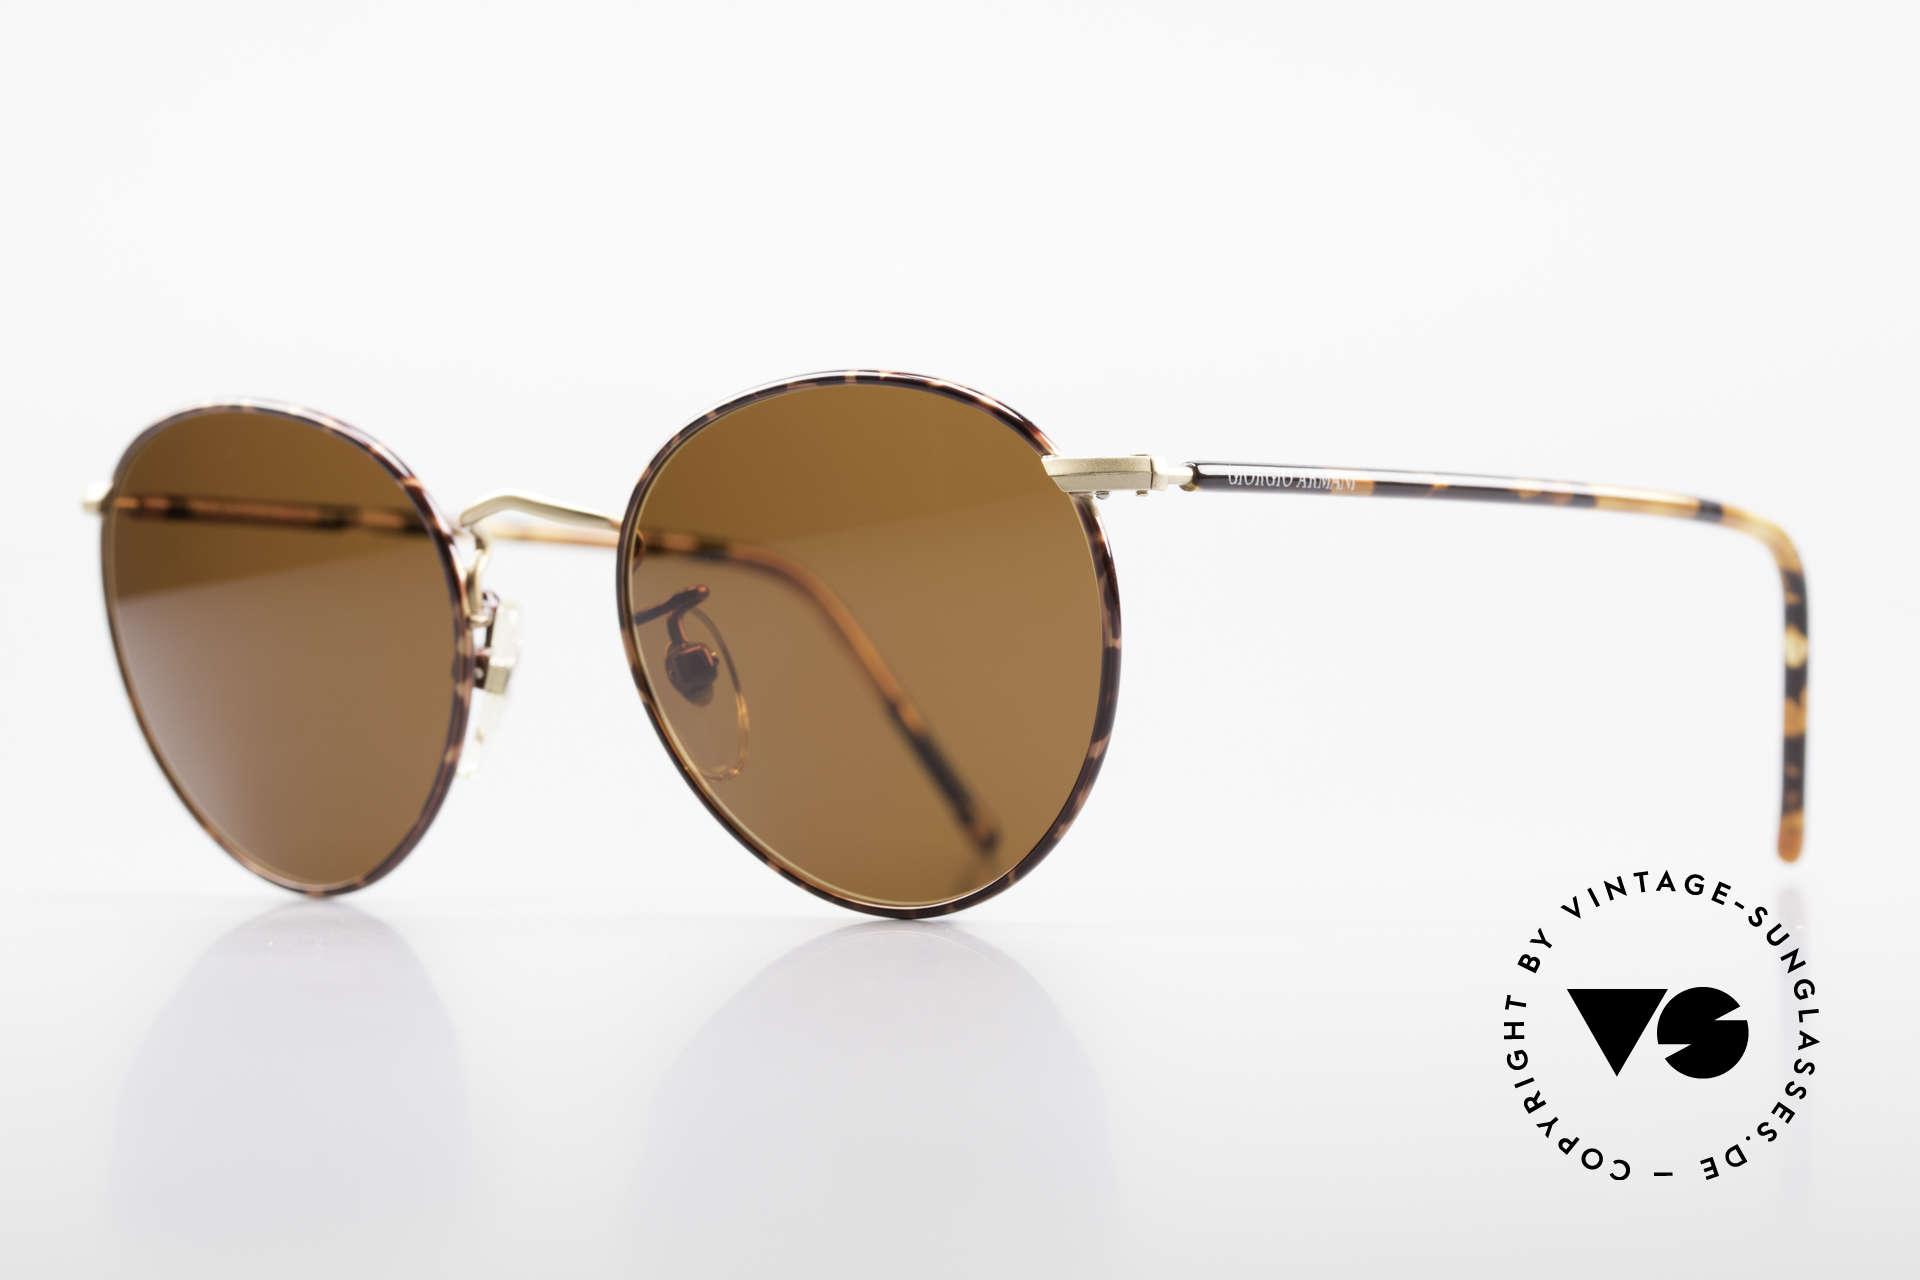 """Giorgio Armani 138 Panto Vintage Sonnenbrille, dezent elegante """"kastanie / schildpatt"""" Kolorierung, Passend für Herren"""